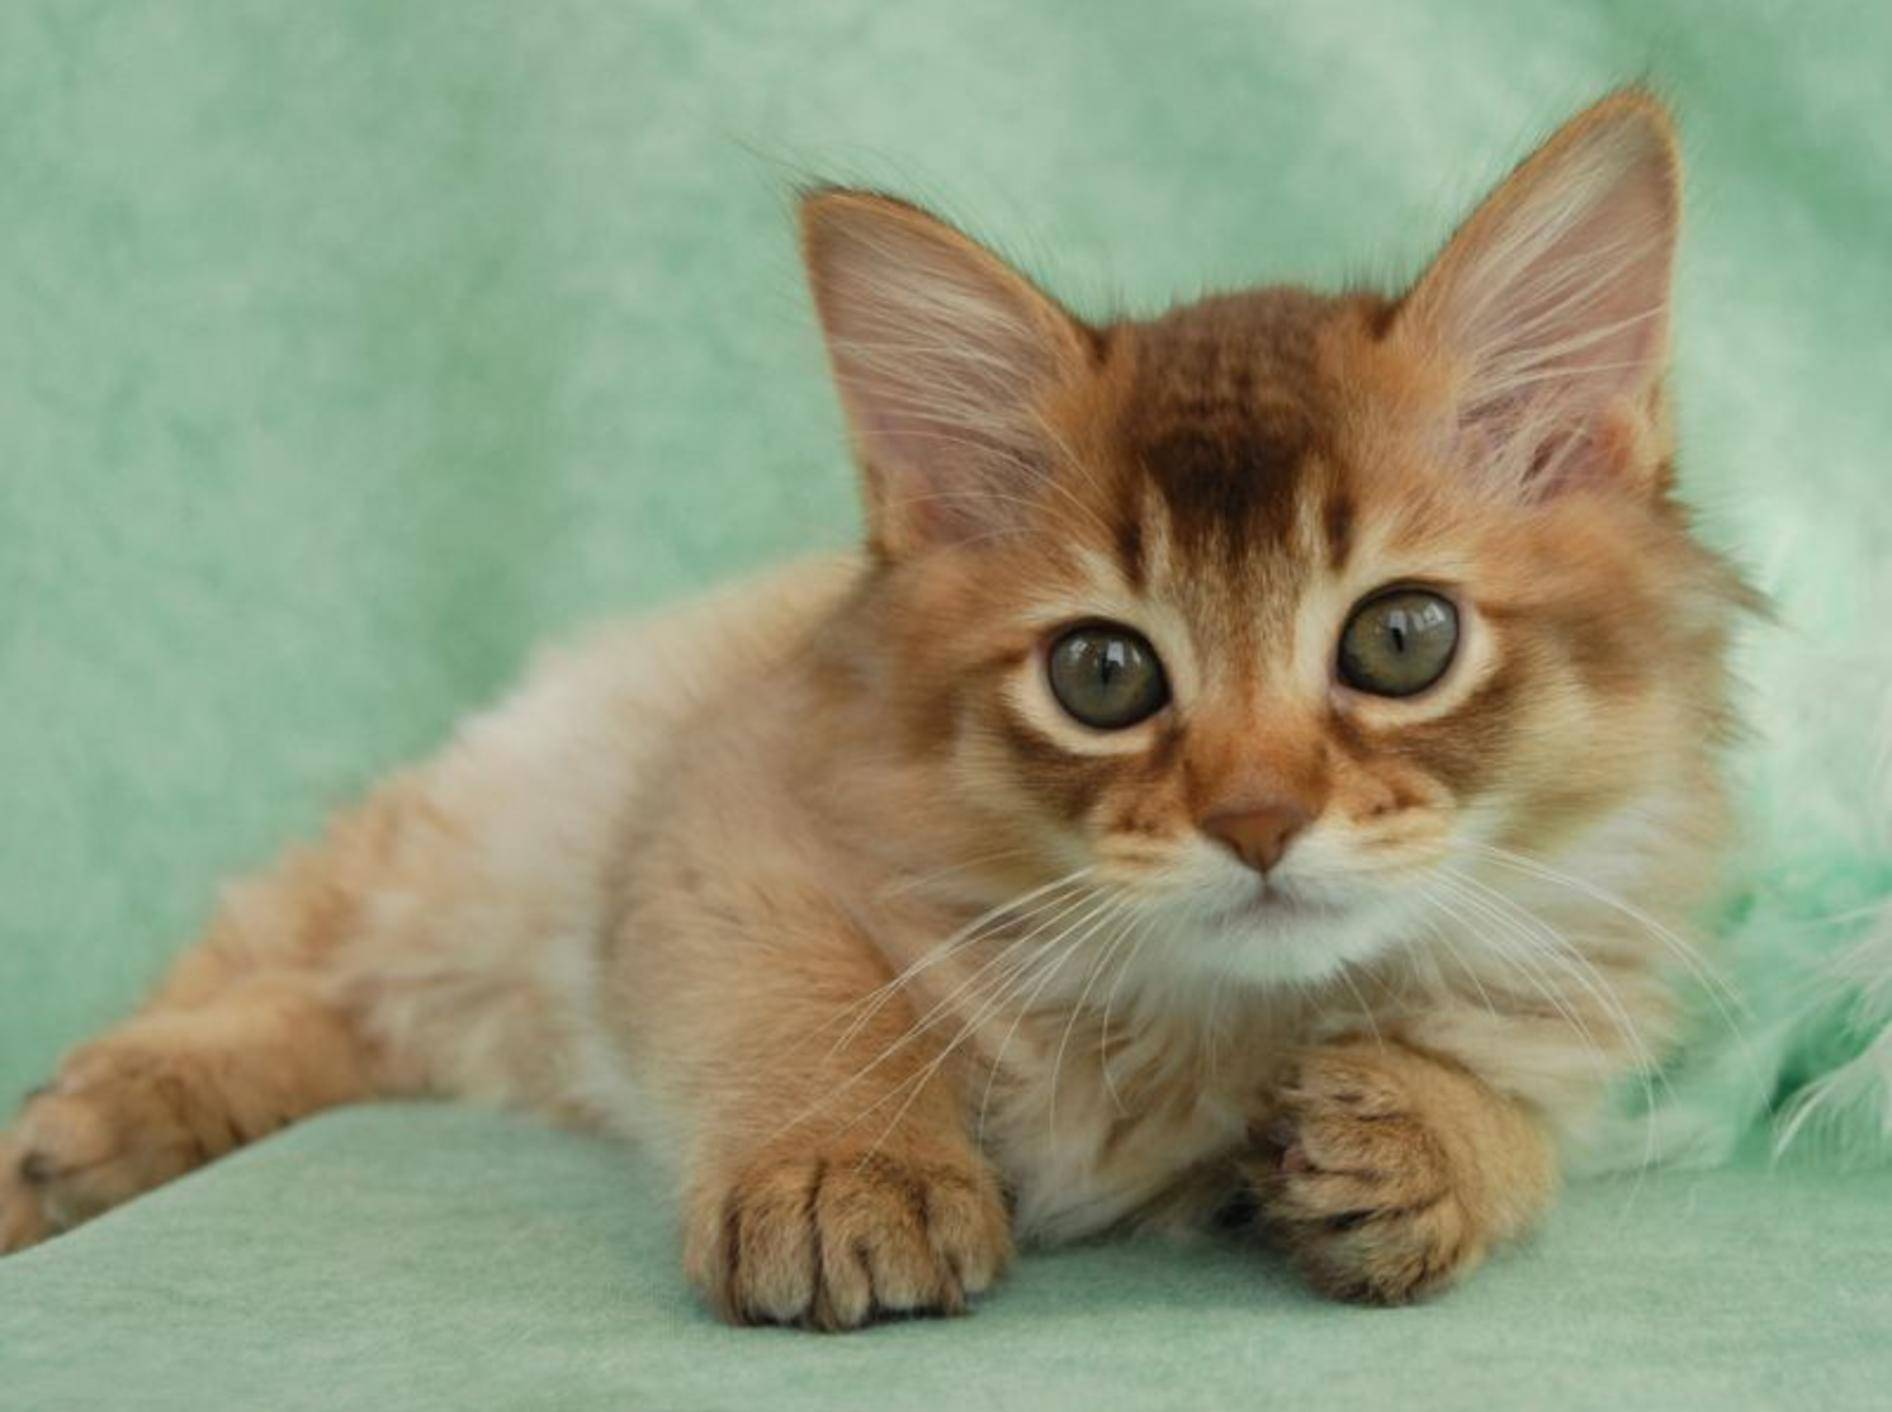 Die Somali-Katze ist eng mit der Abessinierkatze verwandt. Das sieht man auch, oder? – Bild: Shutterstock / Sarah Newton